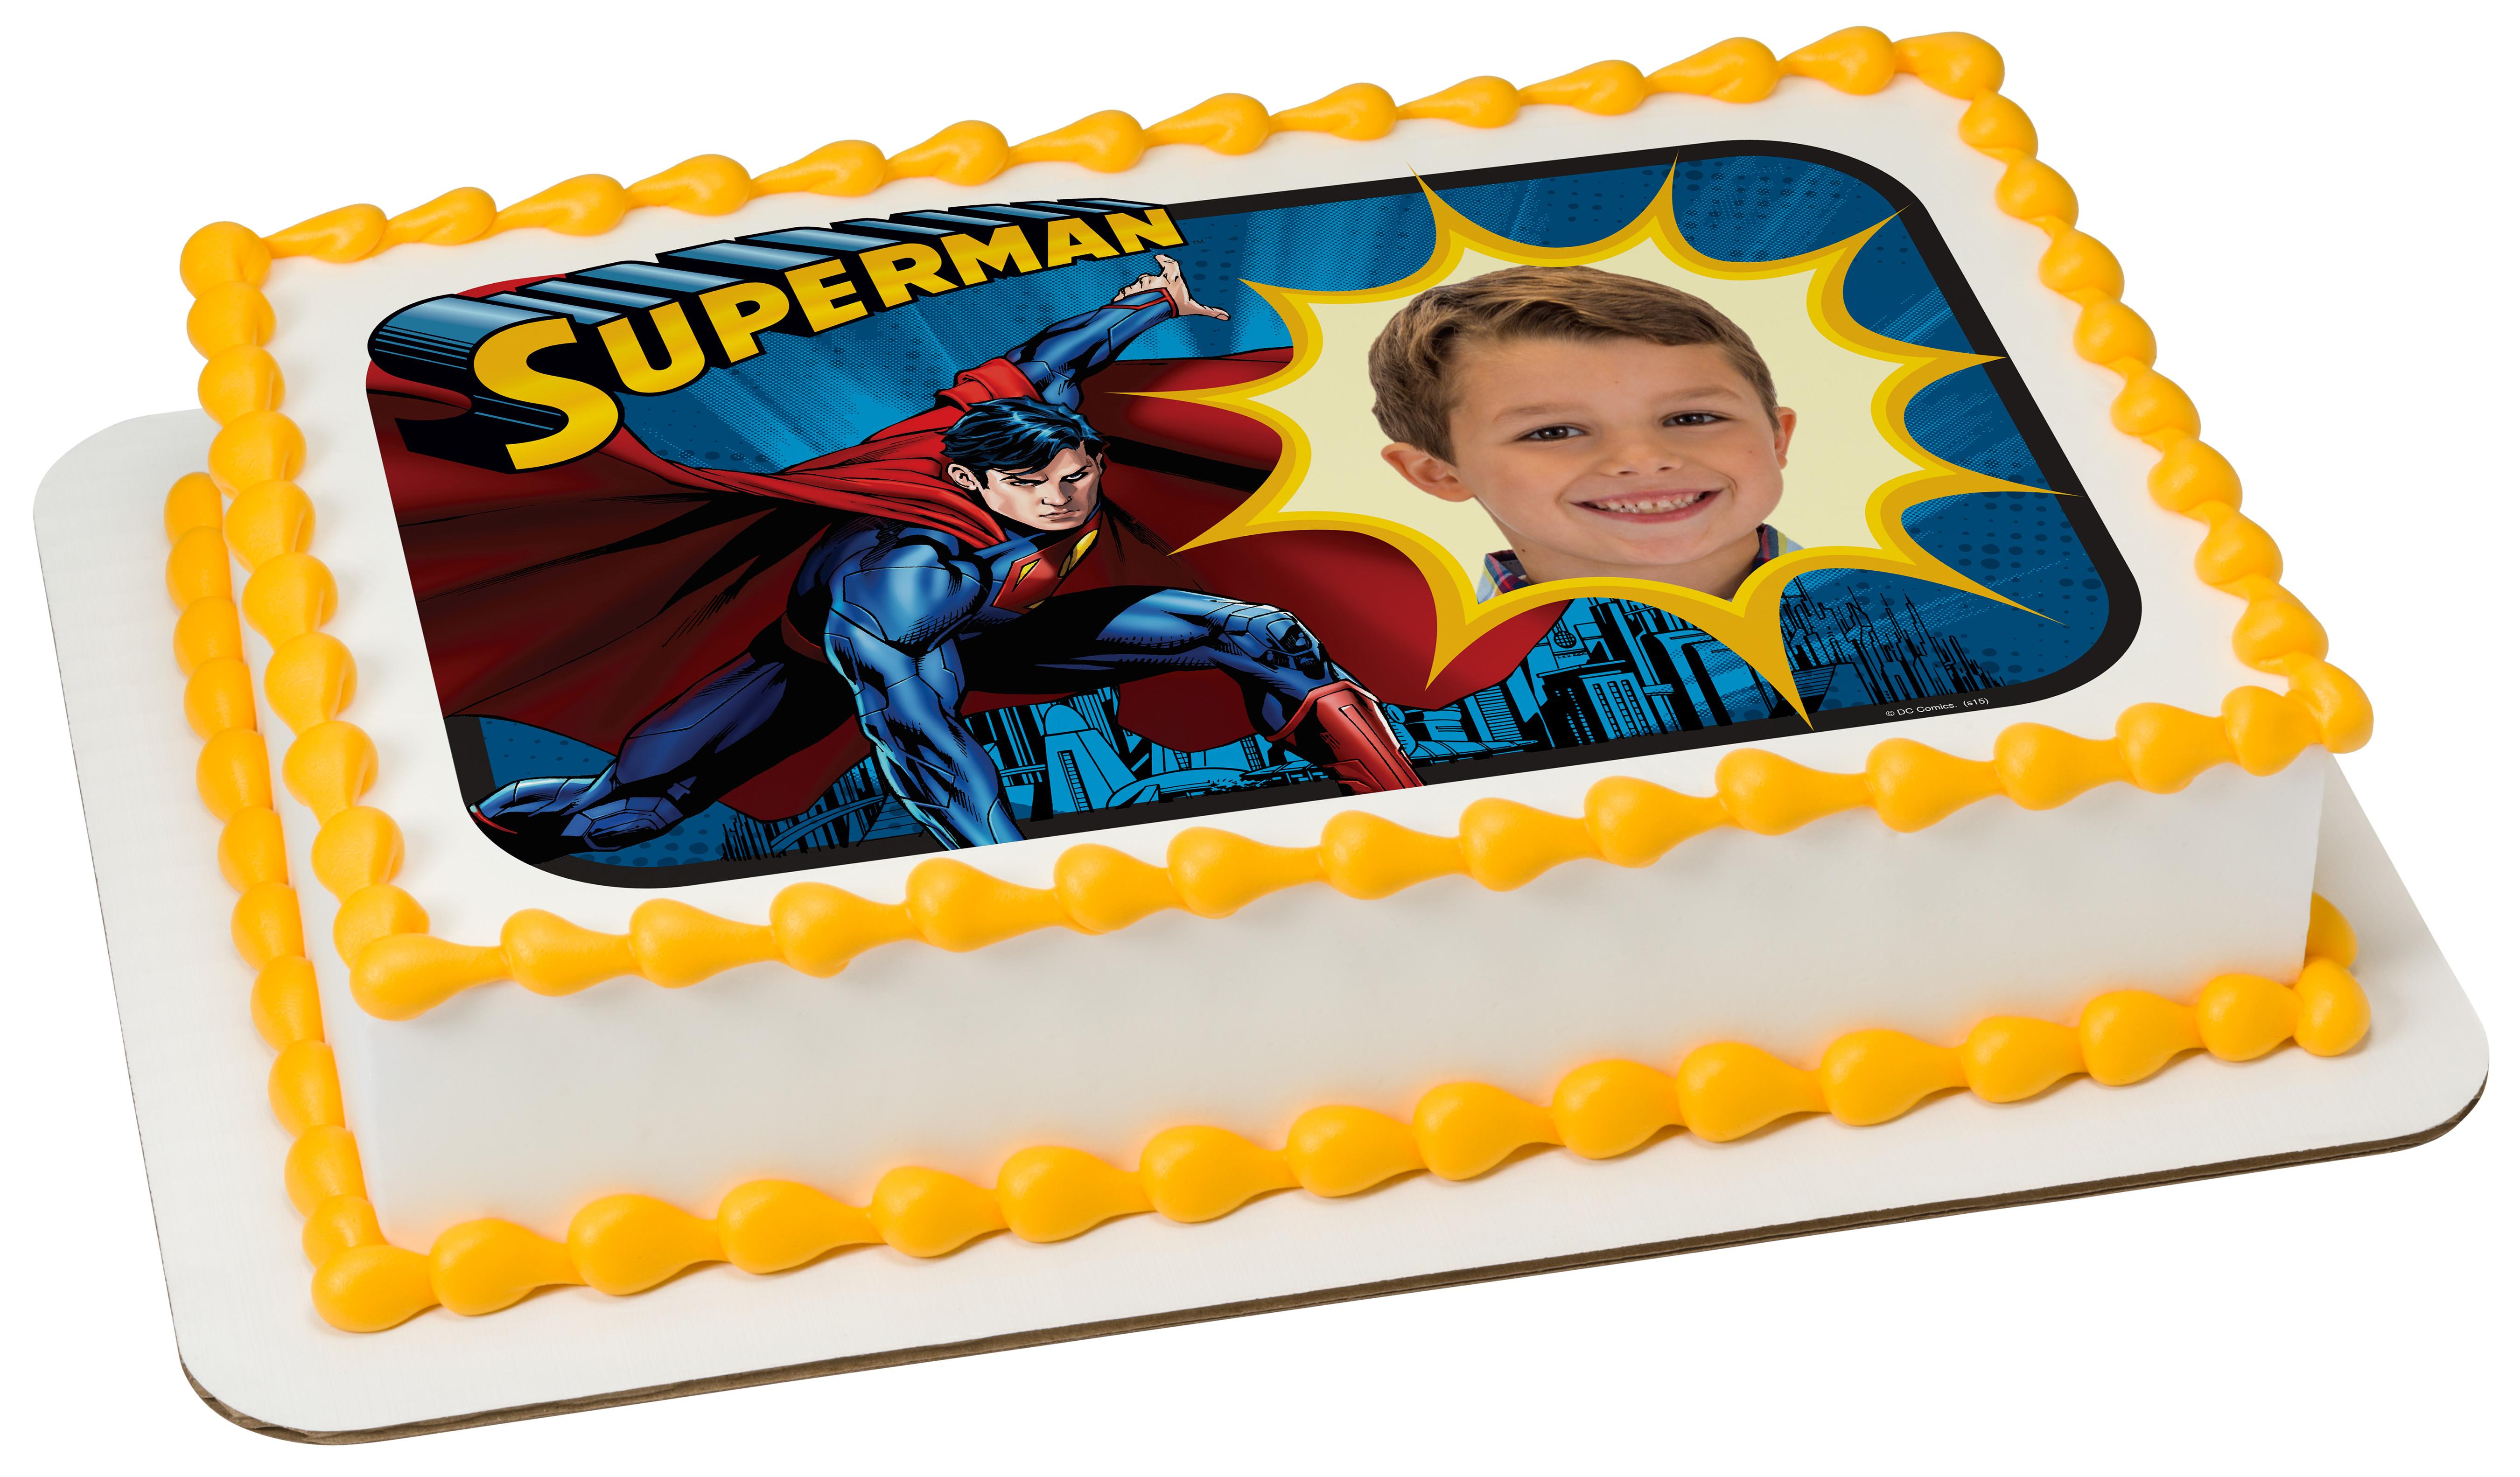 Superman Saves The Day Photocake 174 Edible Image 174 Frame